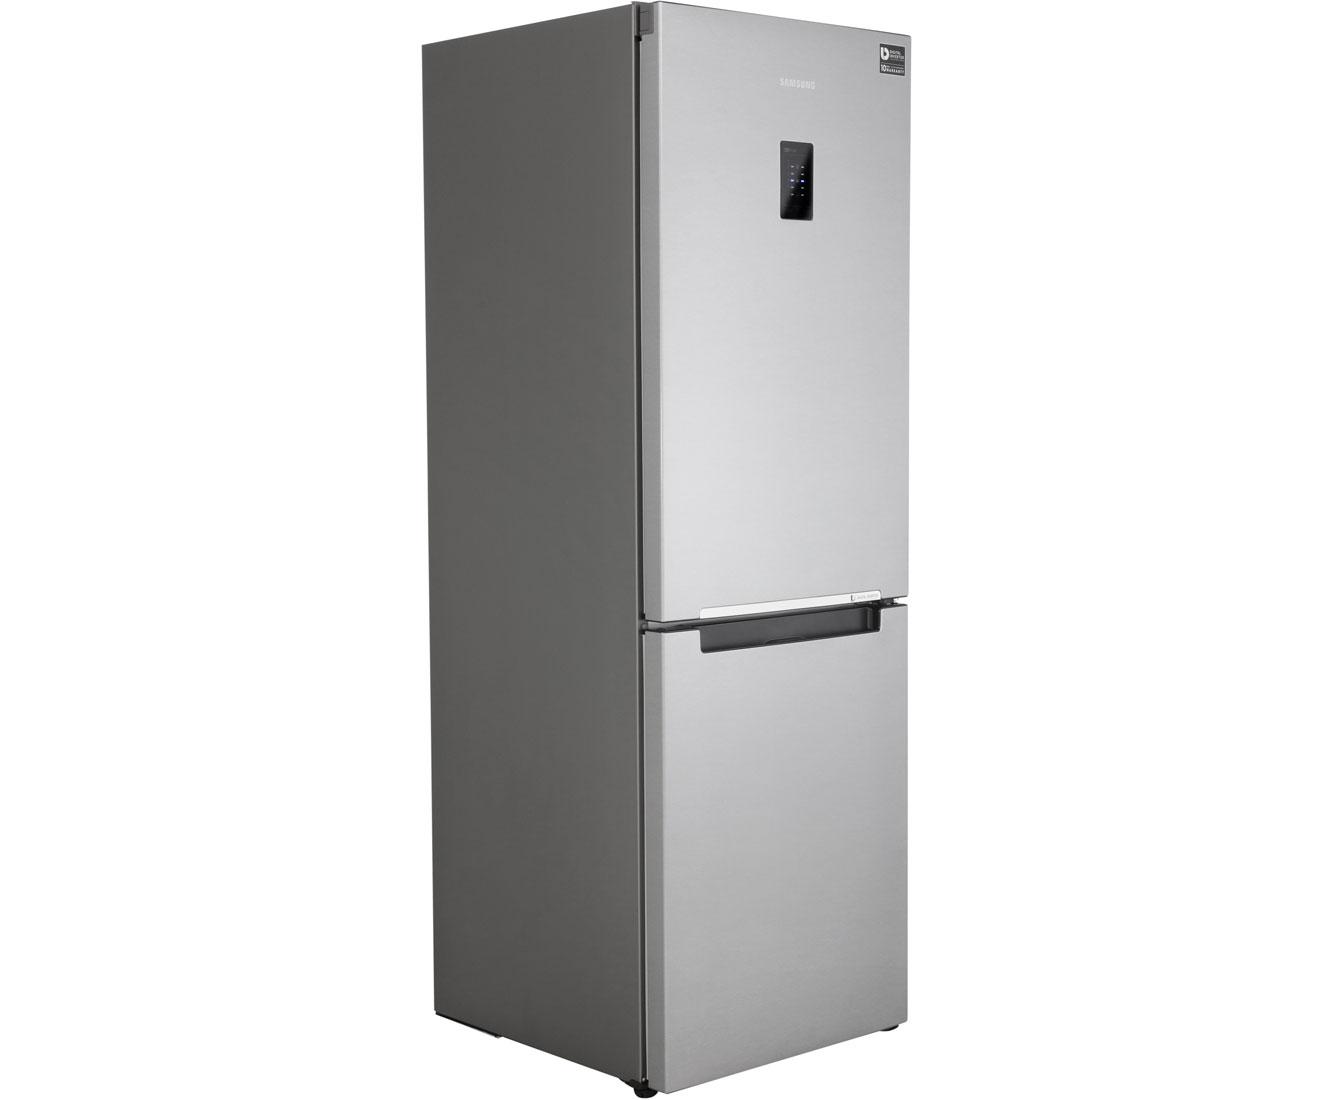 Samsung RB29HER2CSA/EF Kühl-Gefrierkombinationen - Edelstahl-Optik | Küche und Esszimmer > Küchenelektrogeräte > Kühl-Gefrierkombis | Edelstahl | Samsung